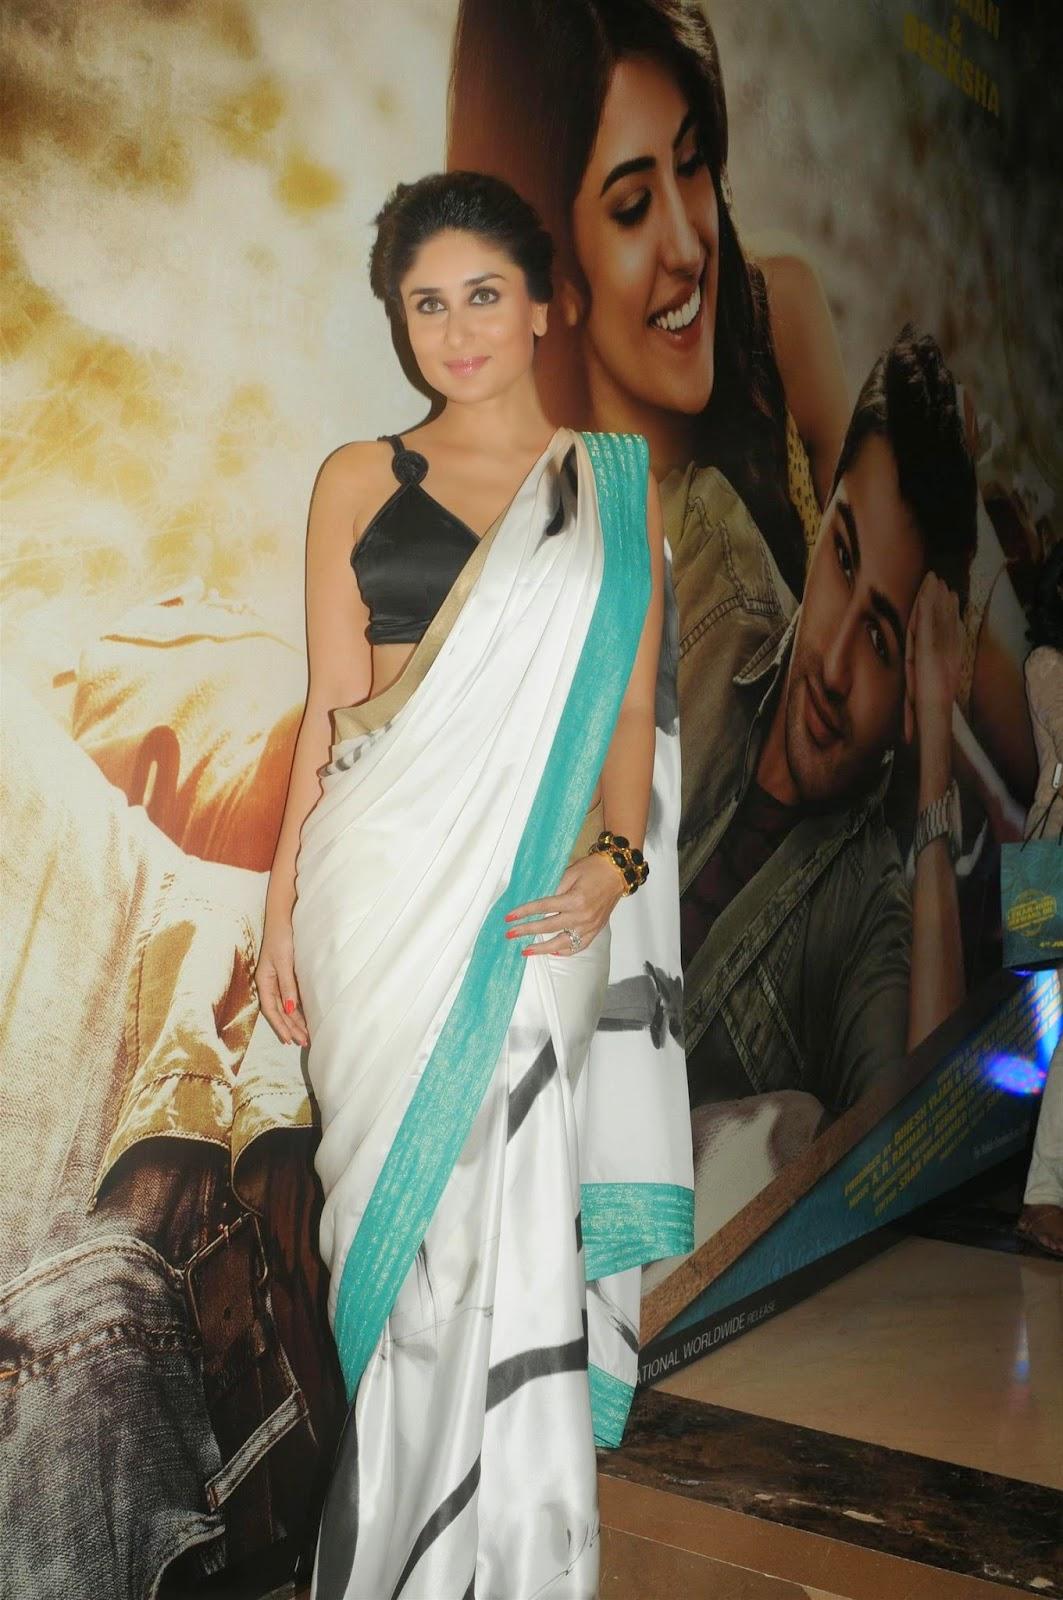 http://3.bp.blogspot.com/--8740xv_ueI/U53y3ZGX5hI/AAAAAAAApTY/s2Dn3HAg1OY/s1600/Kareena+Kapoor+at+A+R+Rahman+Music+Concert+Images+(6).JPG